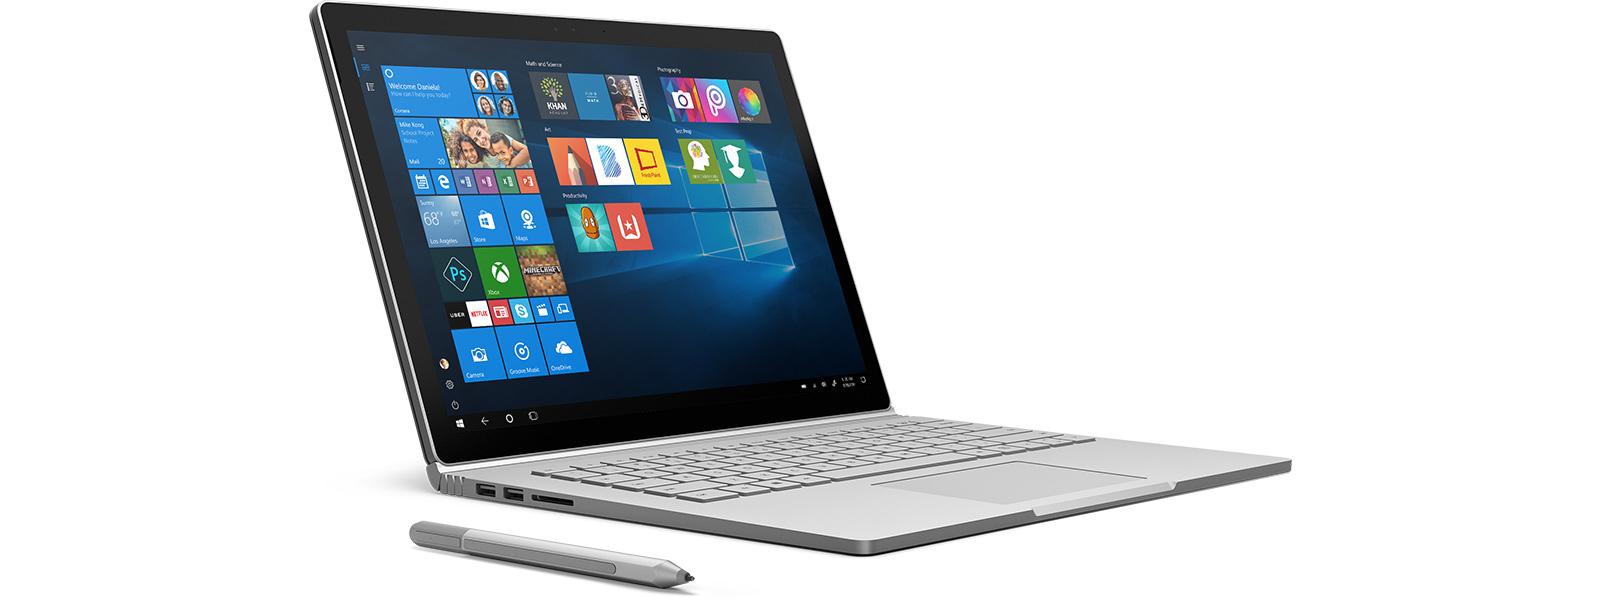 Приложения на начальном экране устройства с Windows10.